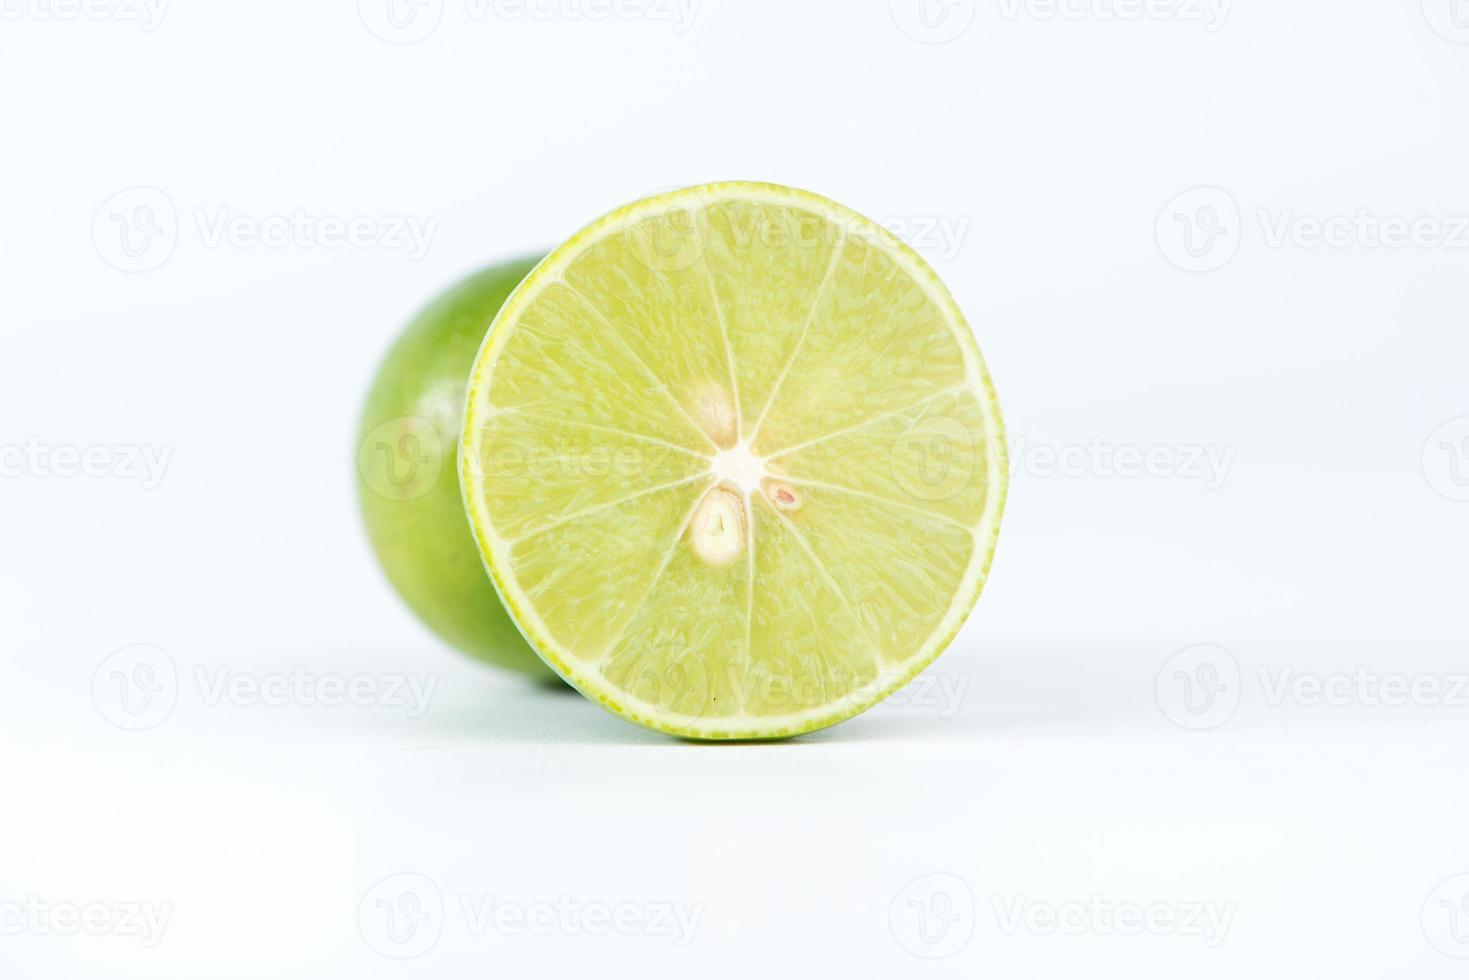 coupe transversale de citron vert photo